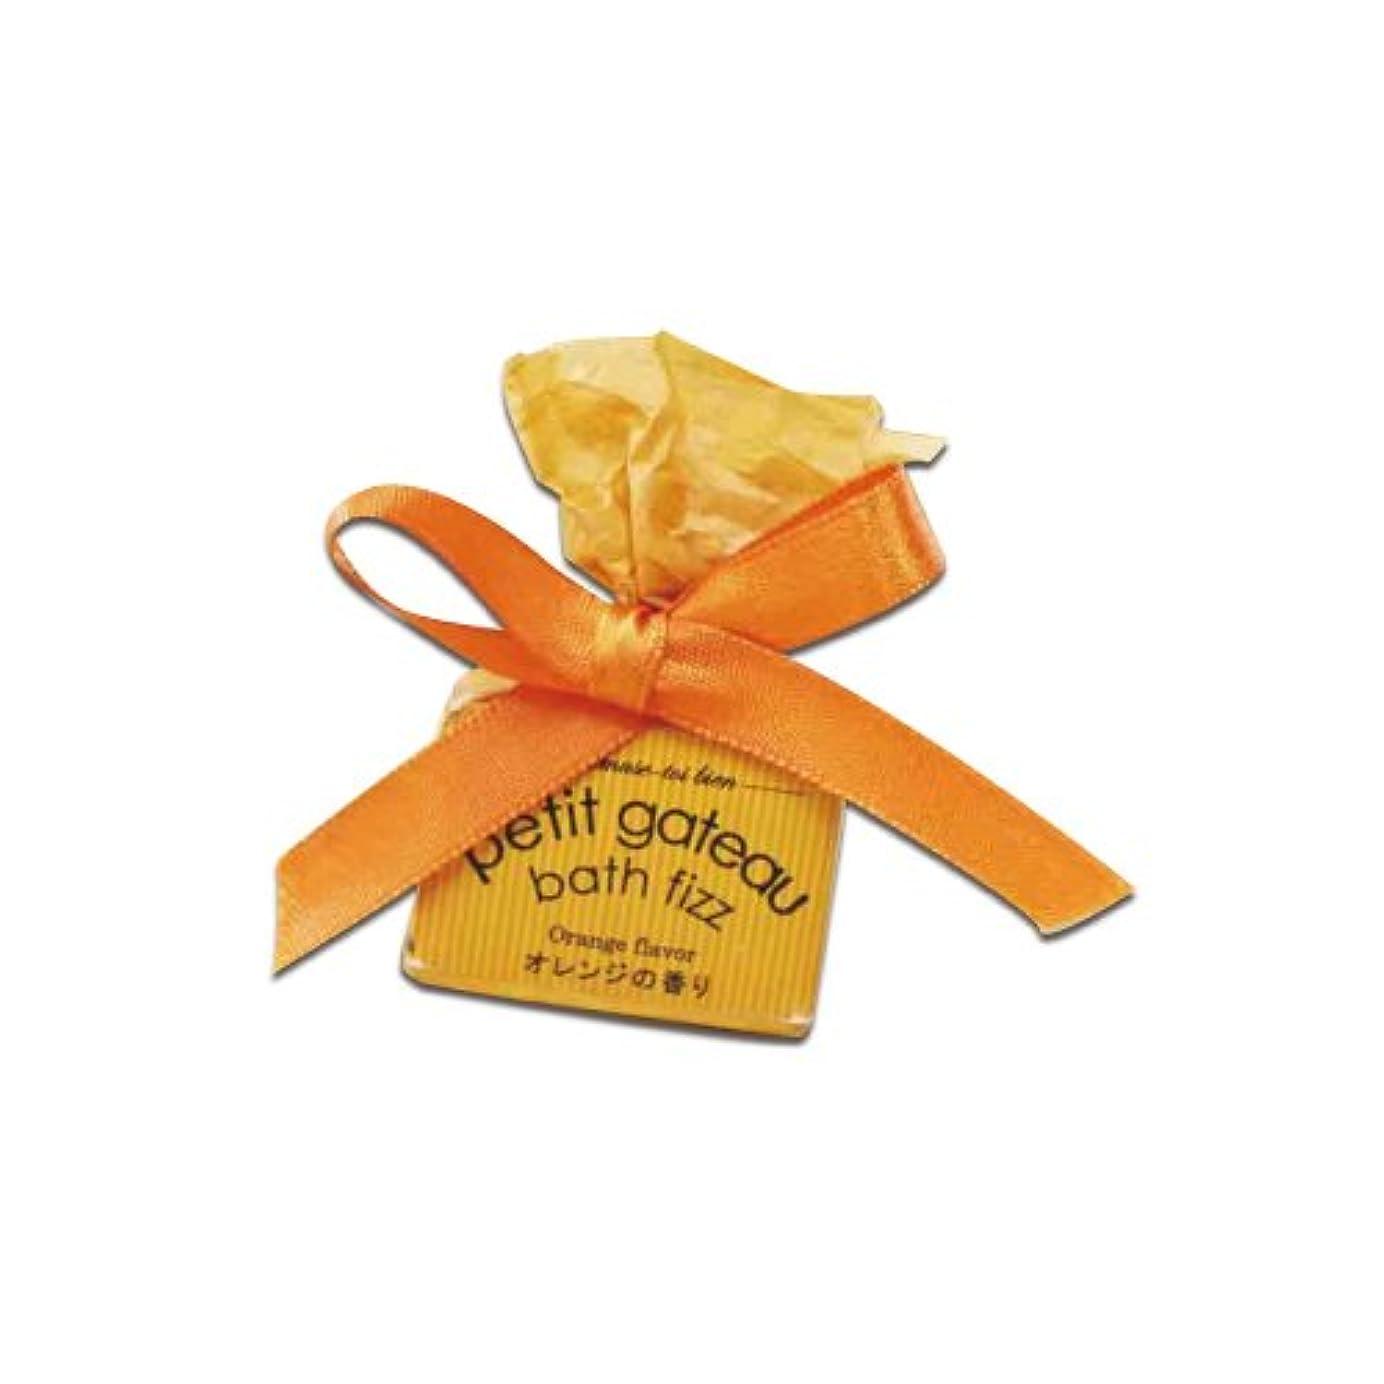 不忠マーチャンダイジングアルカイックプチガトーバスフィザー オレンジの香り 12個セット